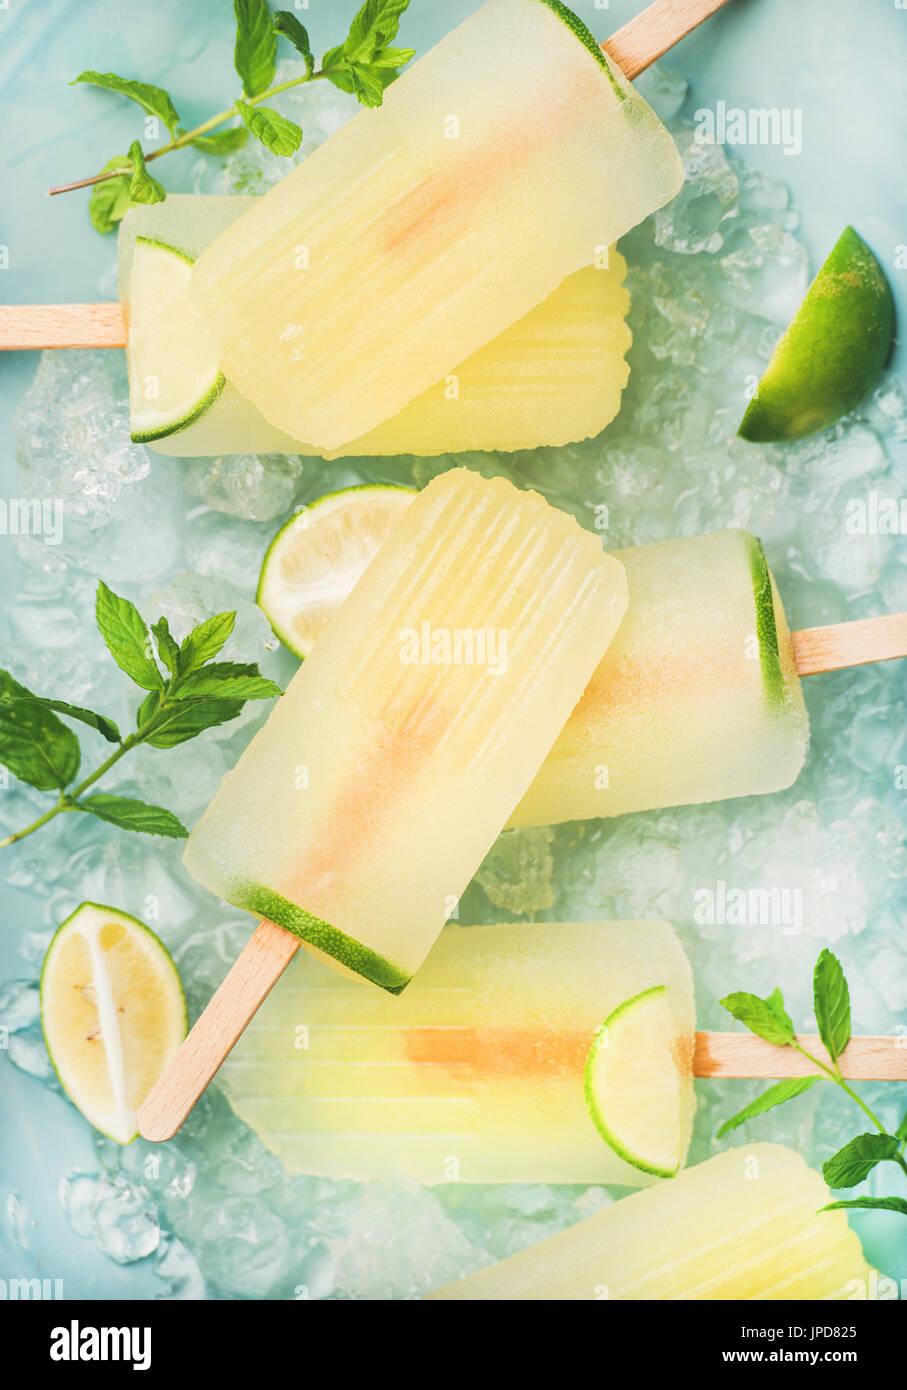 Estate limonata popsicles con calce e scaglie di ghiaccio, vista dall'alto Immagini Stock